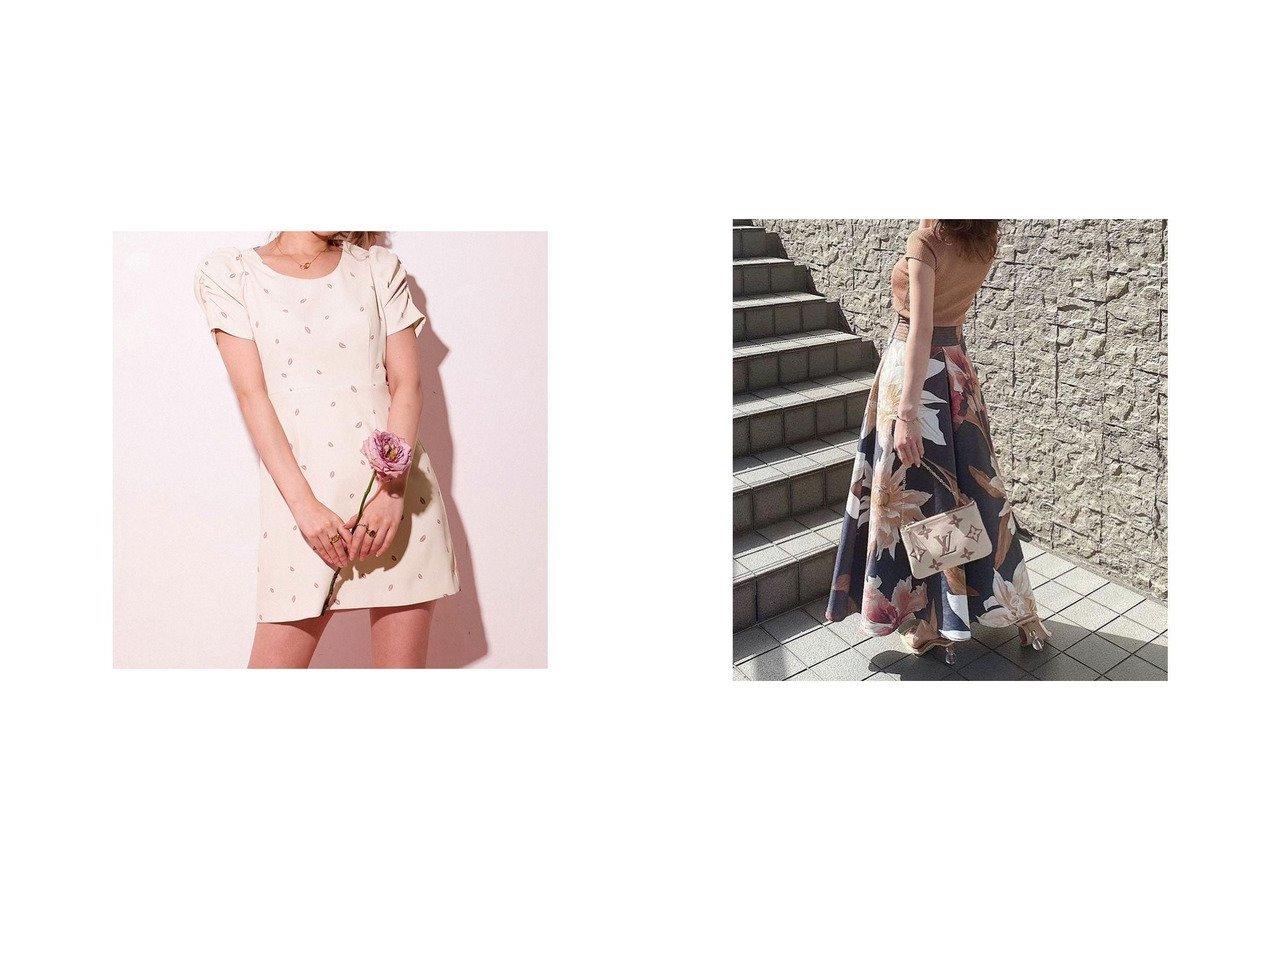 【Darich/ダーリッチ】のリップモチーフミニワンピース&【eimy istoire/エイミーイストワール】のRamona flower ボリュームスカート おすすめ!人気トレンド・レディースファッション通販 おすすめで人気の流行・トレンド、ファッションの通販商品 インテリア・家具・メンズファッション・キッズファッション・レディースファッション・服の通販 founy(ファニー) https://founy.com/ ファッション Fashion レディースファッション WOMEN スカート Skirt ワンピース Dress 2021年 2021 2021春夏・S/S SS/Spring/Summer/2021 S/S・春夏 SS・Spring/Summer ショルダー 夏 Summer 春 Spring |ID:crp329100000052489